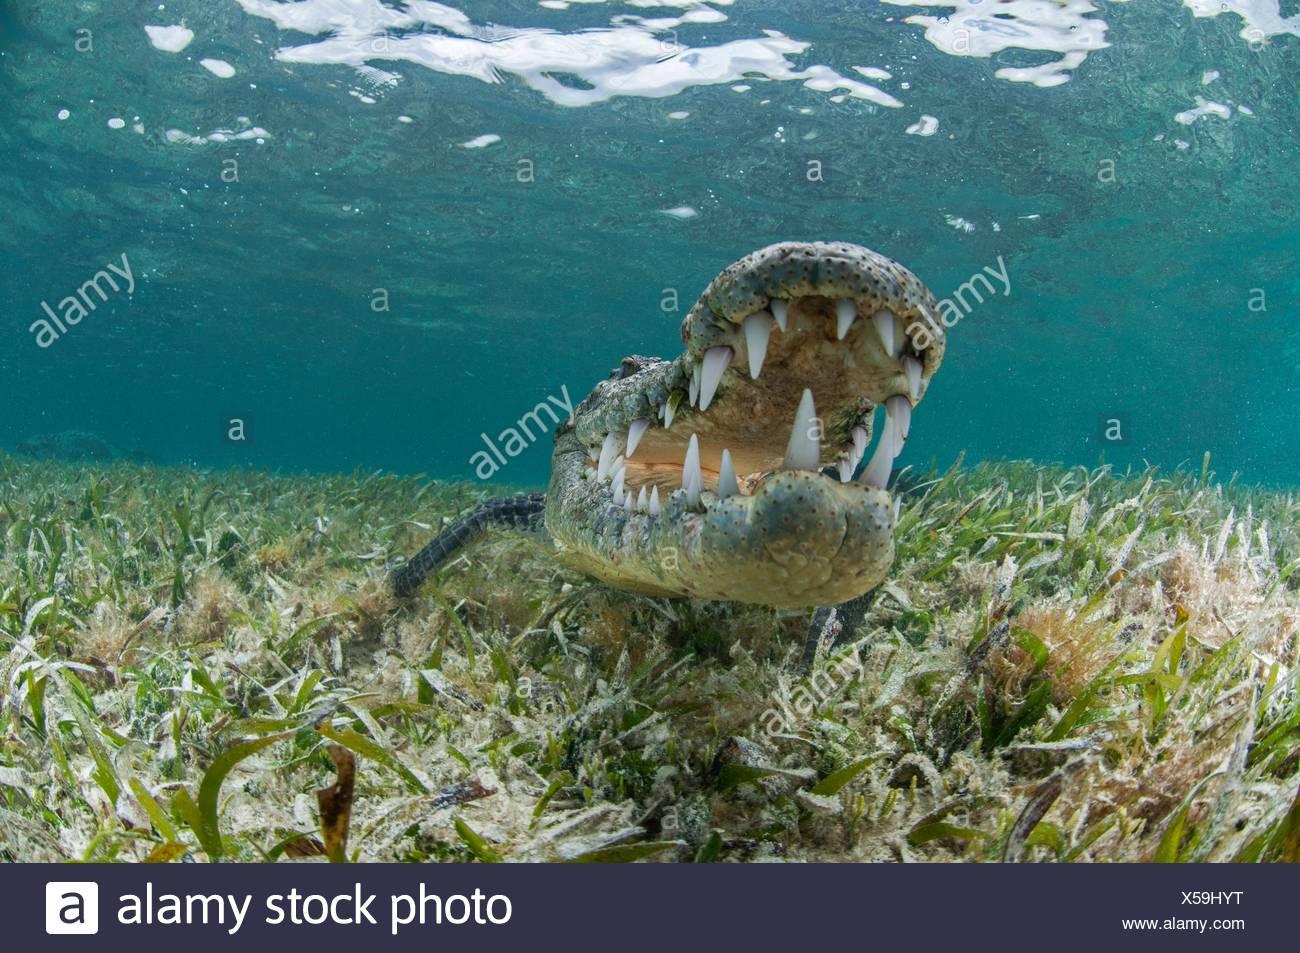 Subacquea vista anteriore del coccodrillo su piante fanerogame, con imboccatura aperta che mostra denti, Chinchorro Atoll, Quintana Roo, Messico Immagini Stock